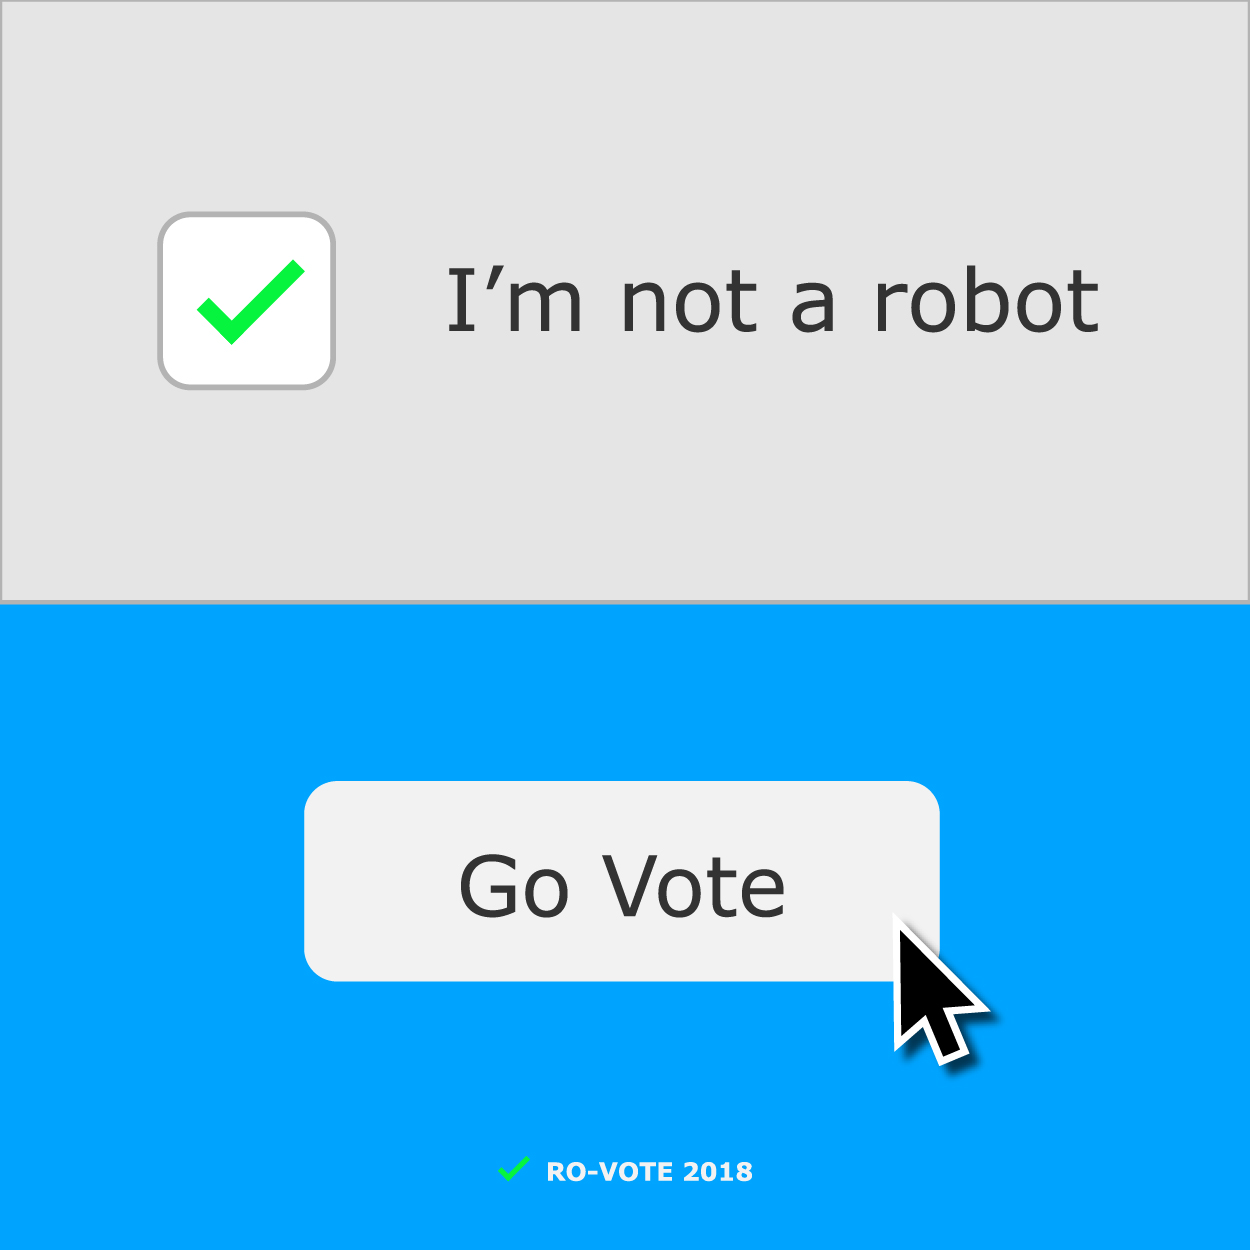 Ro-Vote 2018